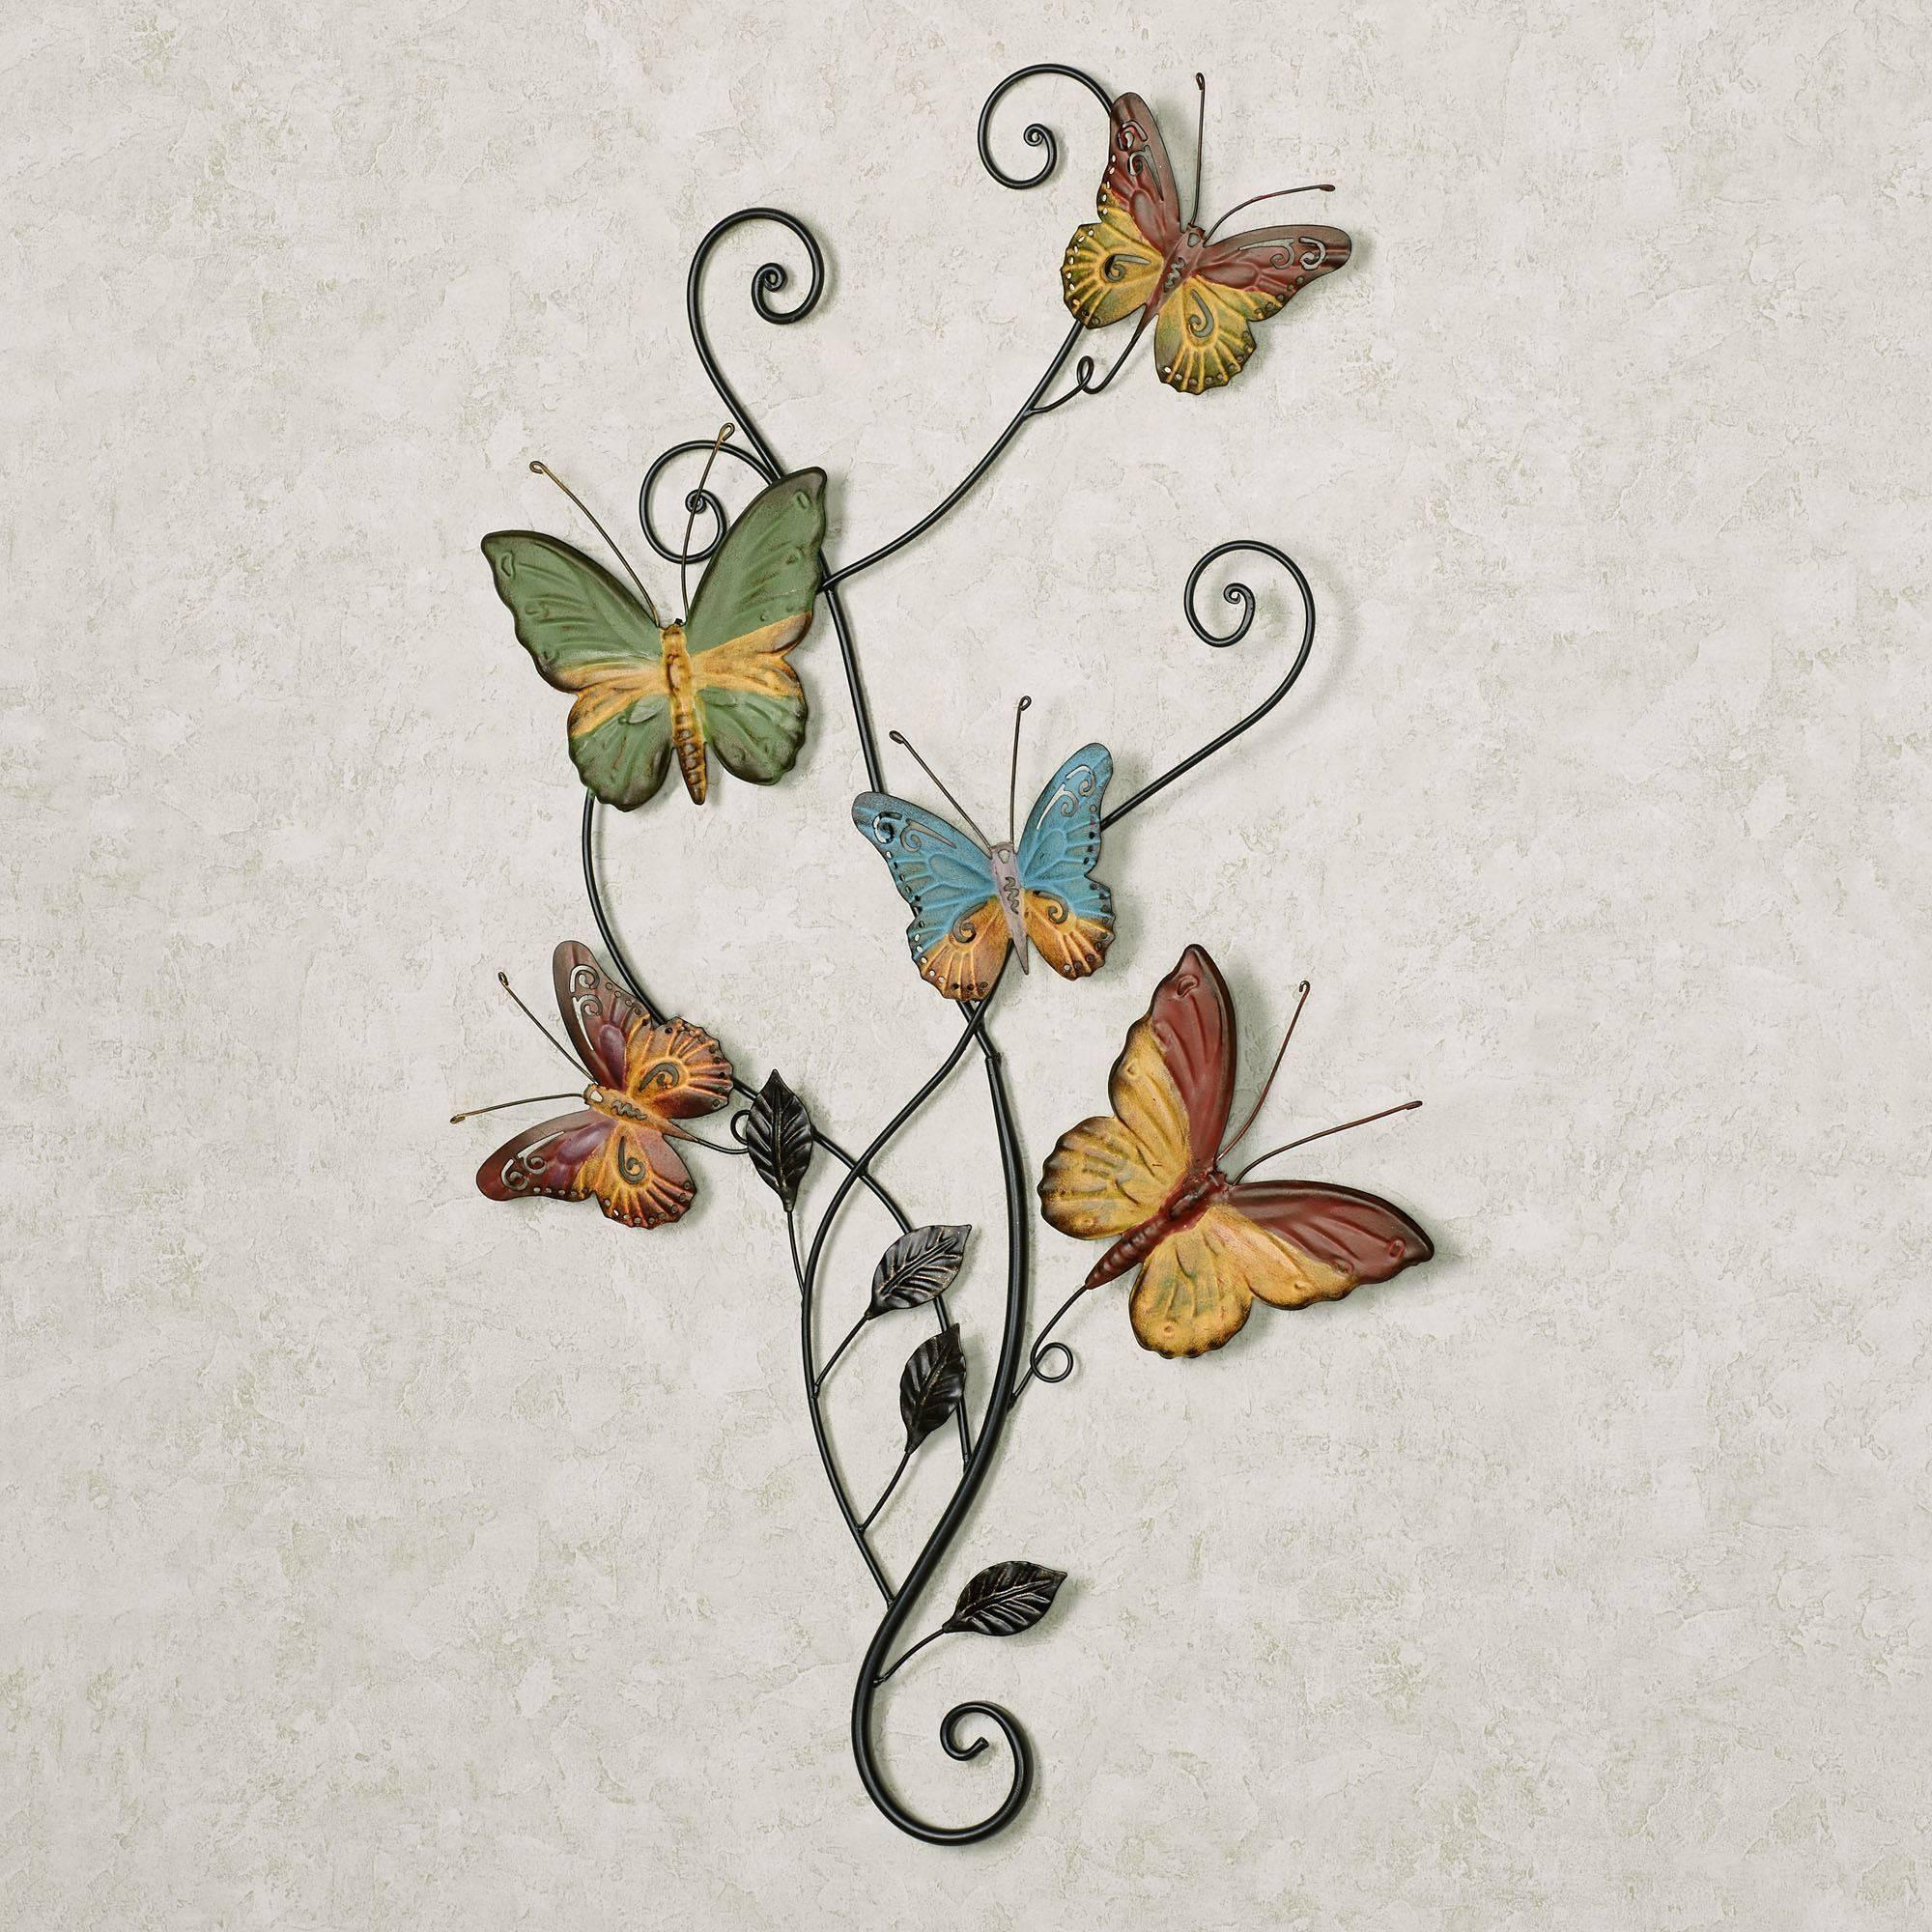 Dancing Butterflies Metal Wall Art Inside Newest Hummingbird Metal Wall Art (View 13 of 20)